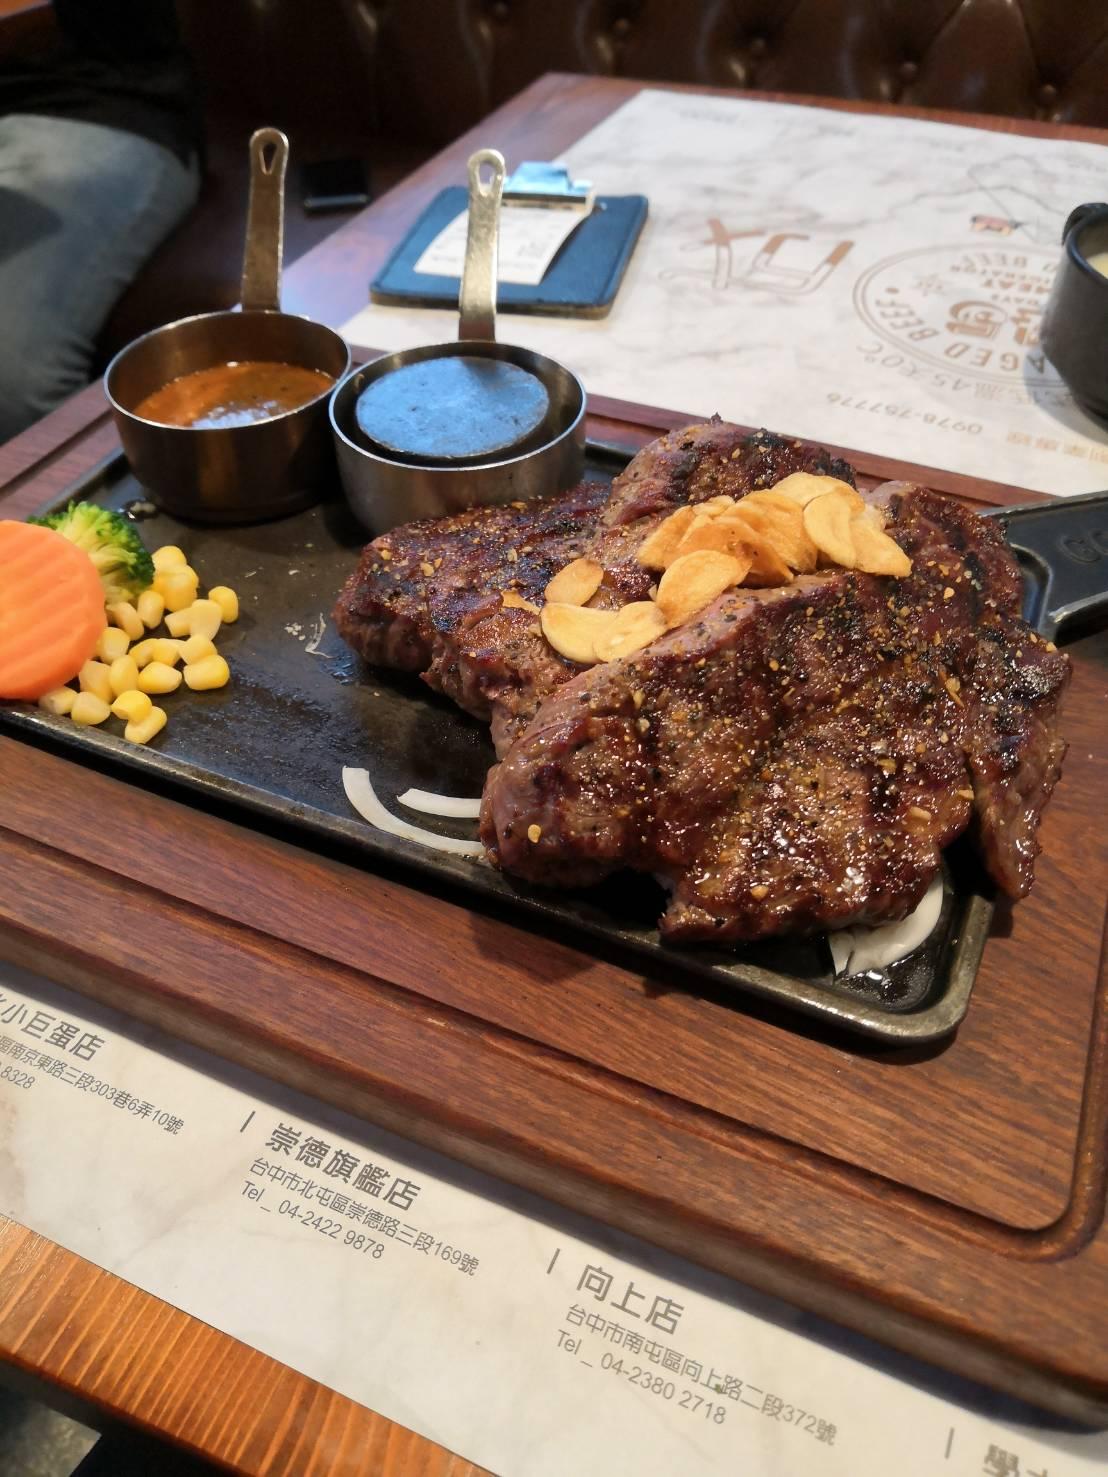 【肉肉】訂不到汕頭火鍋所以只好⋯⋯TGB狠牛炭燒牛排 - dilo的創作 - 巴哈姆特